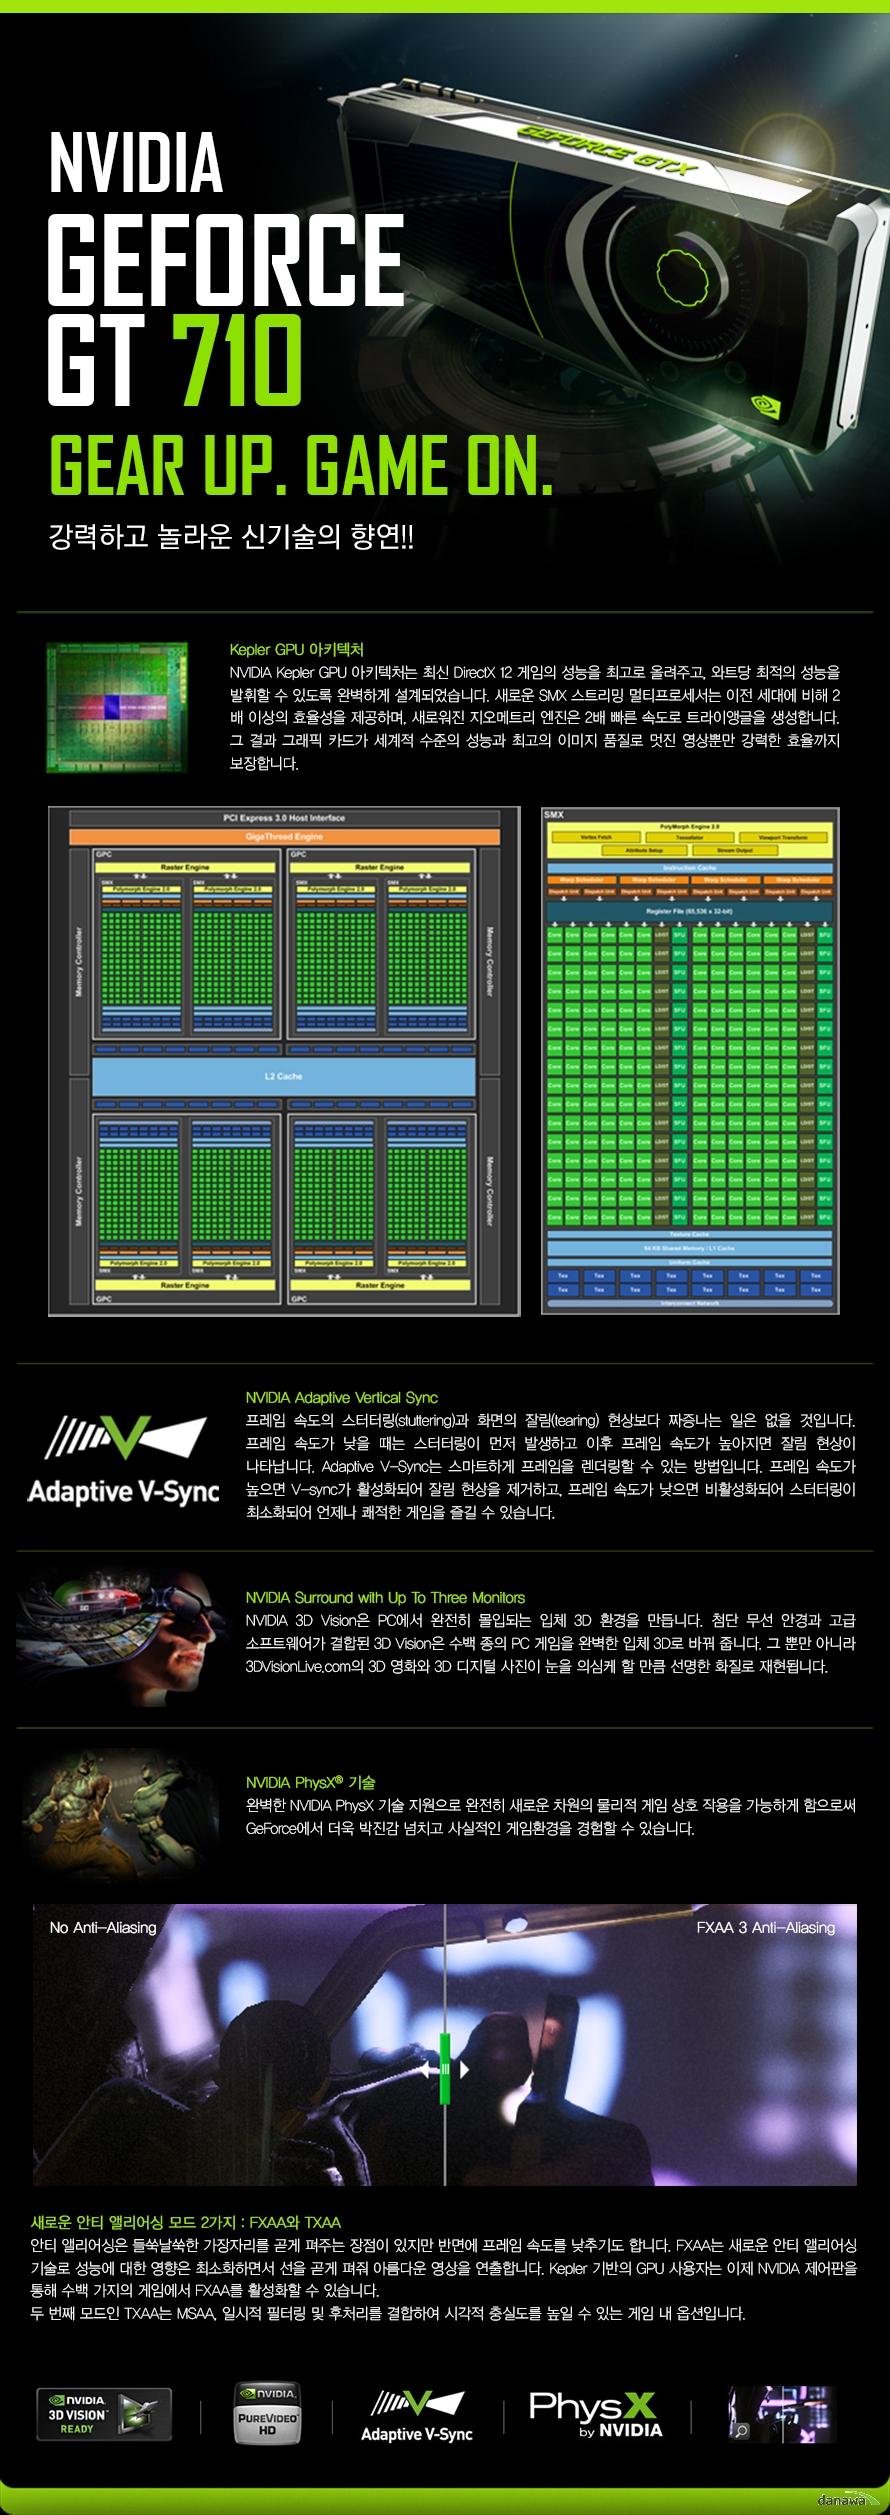 엔비디아 지포스 GT 710      강력하고 놀라운 신기술의 향연            케플러 지피유 아키텍쳐      엔비디아 케플러 지피유 아키텍쳐는 최신 다이렉트 12 게임의 성능을 최고로 올려주고      와트당 최적의 성능을 발휘할 수 있도록 완벽하게 설계되었습니다. 새로운 SMX 스트리밍       멀티 프로세서는 이전 세대에 비해 2배 이상의 효율성을 제공하며 새로워진 지오메트리 엔진은      2배 빠른 속도로 트라이앵글을 생성합니다. 그 결과 그래픽 카드가 세계적 수준의 성능과      최고의 이미지 품질로 멋진 영상뿐만 아니라 강력한 효율까지 보장합니다.            엔비디아 어댑티브 버티컬 싱크      프레임 속도의 스타터링과 화면의 잘림 현상보다 짜증나는 일은 없을 것입니다      프레임 속도가 낮을 때는 스타터링이 먼저 발생하고 이후 프레임 속도가 높아지면 잘림 현상이      나타납니다. 어댑티브 브이 싱크는 스마트하게 프레임을 렌더링할 수 있는 방법입니다.      프레임 속도가 높으면 브이 싱크가 활성화되어 잘림 현상을 제거하고, 프레임 속도가 낮으면      비활성화되어 스타터링이 최소화되면서 언제나 쾌적한 게임을 즐길 수 있습니다.            엔비디아 쓰리디 비전      엔비디아 쓰리디 비전은 피씨에서 완전히 몰입되는 입체 쓰리디 환경을 만듭니다.      첨단 무선 안경과 고급 소프프웨어가 결합된 쓰리디 비전은 수백 종의 피씨 게임을 완벽한 입체      쓰리디로 바꿔 줍니다. 그 뿐만 아니라 쓰리디비전라이브 닷컴의 쓰리디 영화와 디지털 사진이      눈을 의심케 할 만큼 선명한 화질로 재현됩니다.            엔비디아 피직스 기술      완벽한 엔비디아 피직스 기술 지원으로 완전히 새로운 차원의 물리적 게임 상호 작용을 가능하게      함으로써 지포스에서 더욱 박진감 넘치고 사실적인 게임환경을 경험할 수 있습니다.            새로운 안티 앨리어싱 모드 2가지 FXAA와 TXAA      안티 앨리어싱은 들쑥날쑥한 가장자리를 곧게 펴주는 장점이 있지만 반면에 프레임 속도를      낮추기도 합니다. FXAA는 새로운 안티 앨리어싱 기술로 성능에 대한 영향은 최소화하면서      선을 곧게 펴줘 아름다운 영상을 연출합니다. 케플러 기반의 지피유 사용자는 이제 엔비디아      제어판을 통해 수백 가지의 게임에서 FXAA를 활성화 할 수 있습니다.      두 번째 모드인 TXAA는 MSAA 즉 일시적 필터링 및 후처리를 결합하여 시각적 충실도를       높일 수 있는 게임 내 옵션입니다.